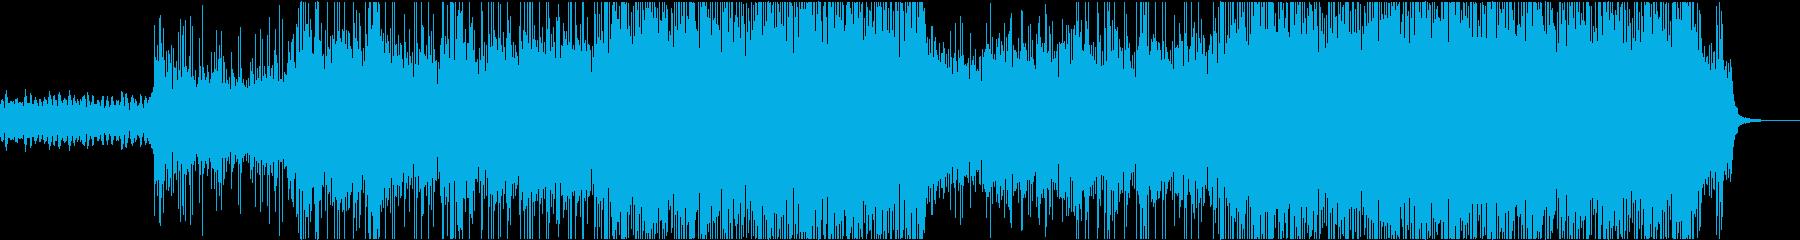 トラップ ヒップホップ 神経質 テ...の再生済みの波形